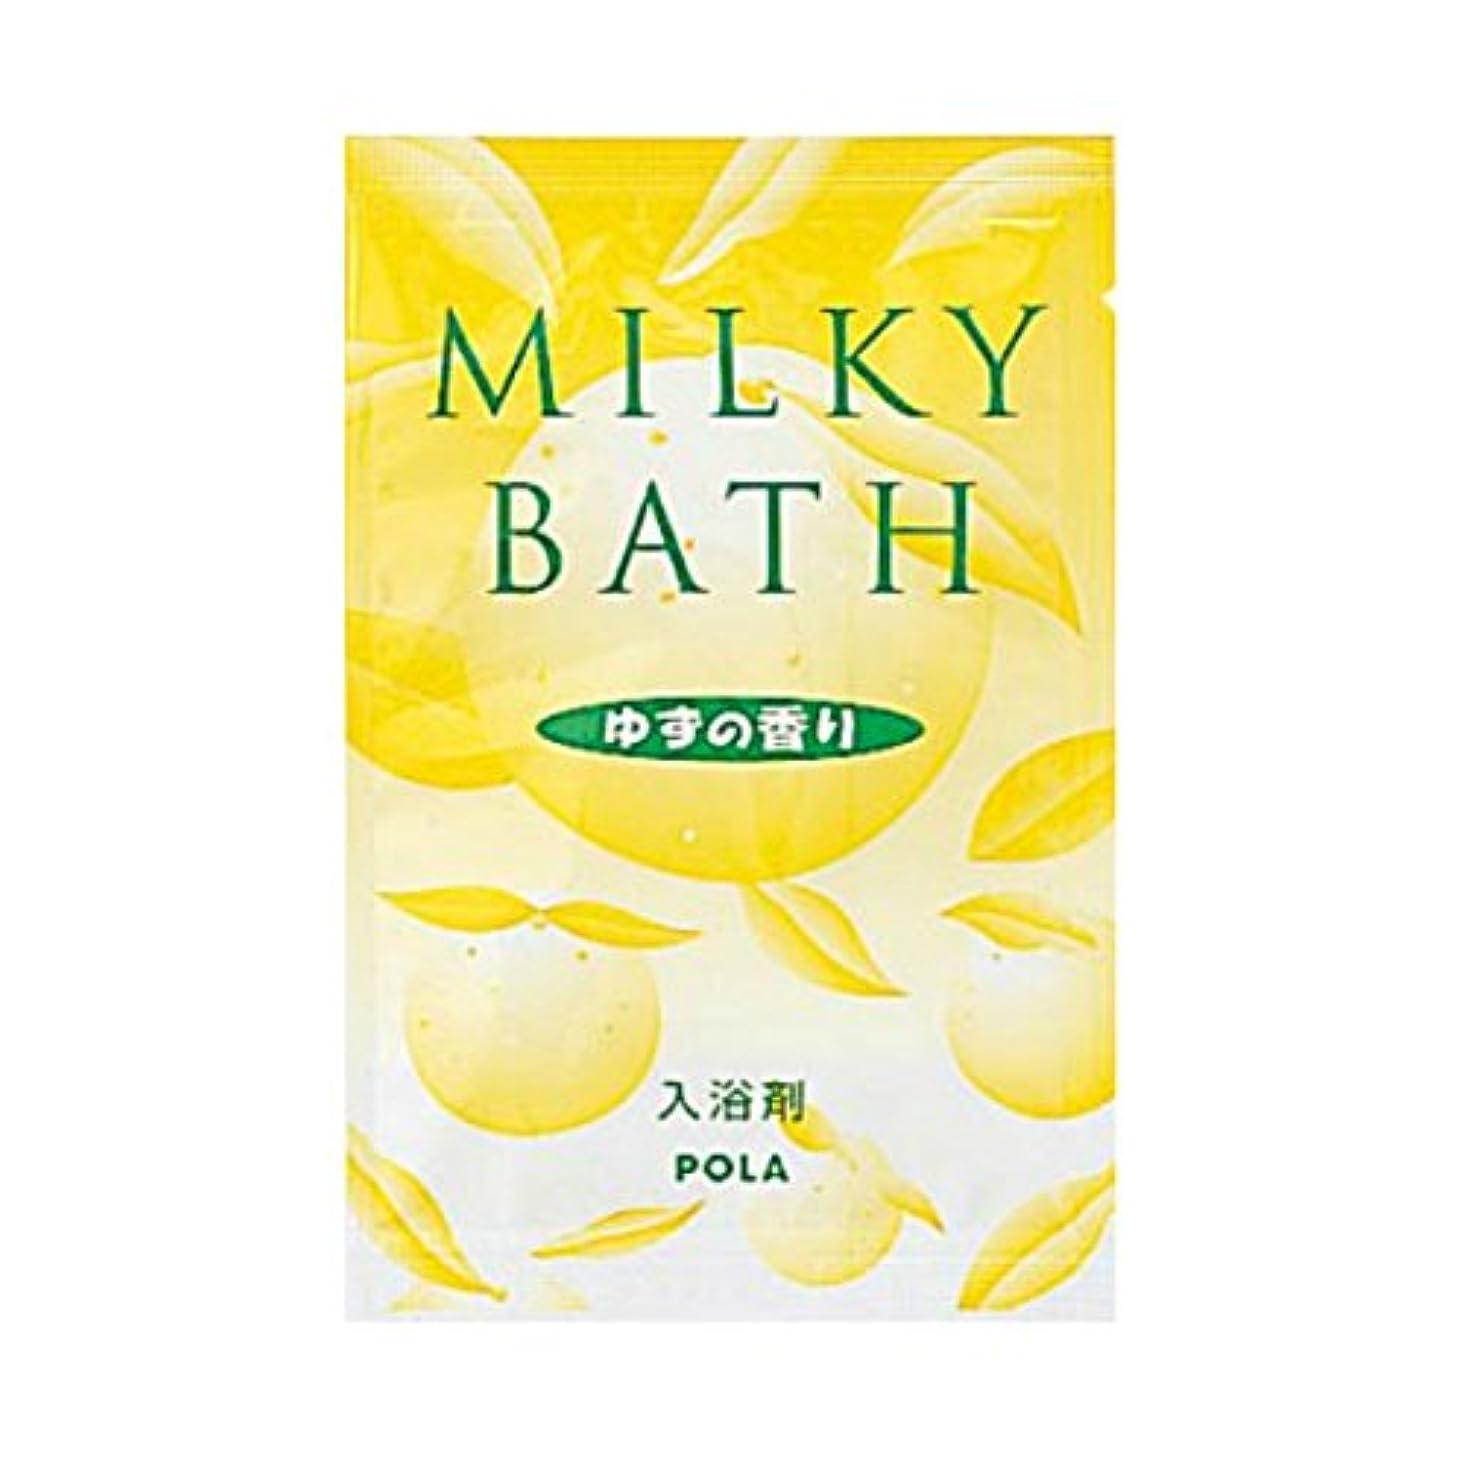 ソファーすずめ平野POLA ポーラ アイエス ミルキィバス ゆずの香り<浴用化粧品> 18mL×100包